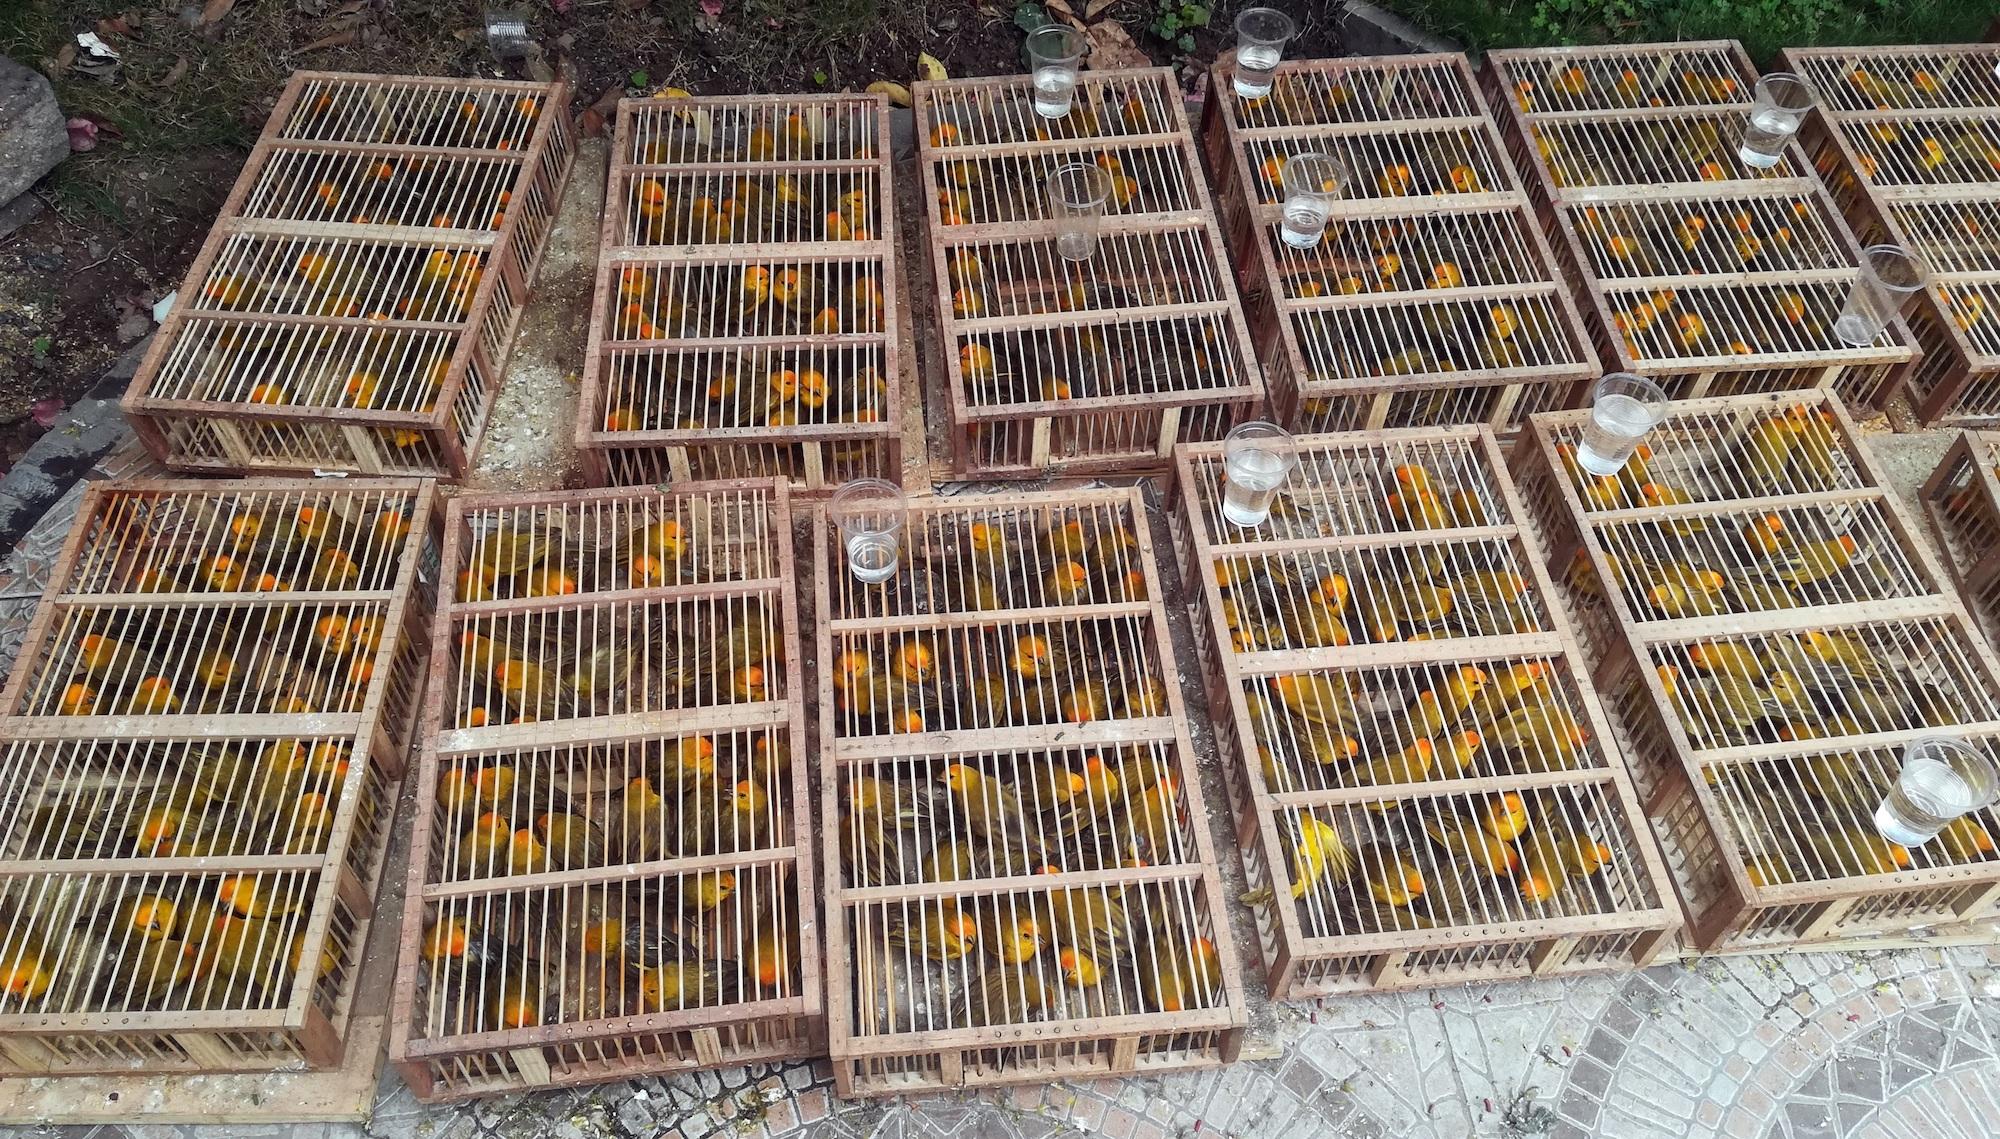 El botón de oro figura entre las especies de aves que más se venden en el mercado ilegal. Foto: Serfor.